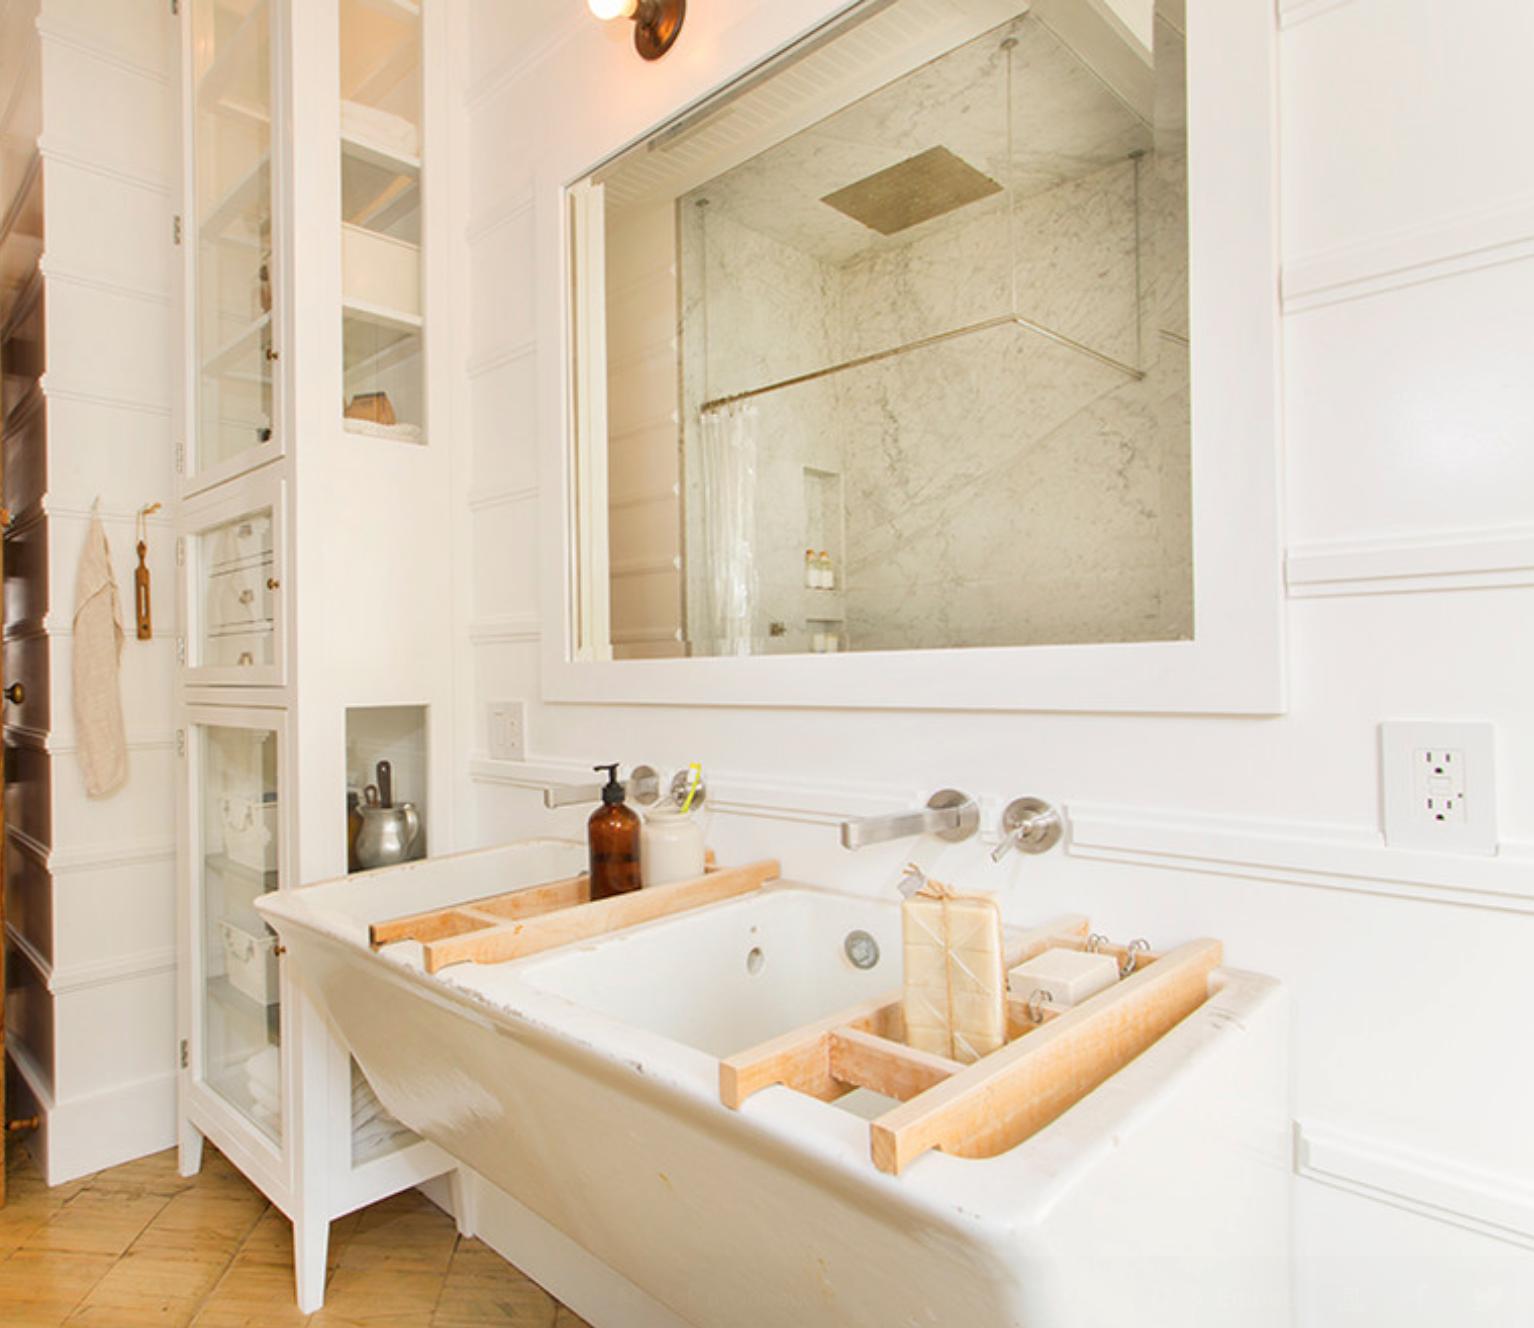 Banheiros super originais decorandoonline #A29C29 1534x1328 Banheiro Bancada Preta